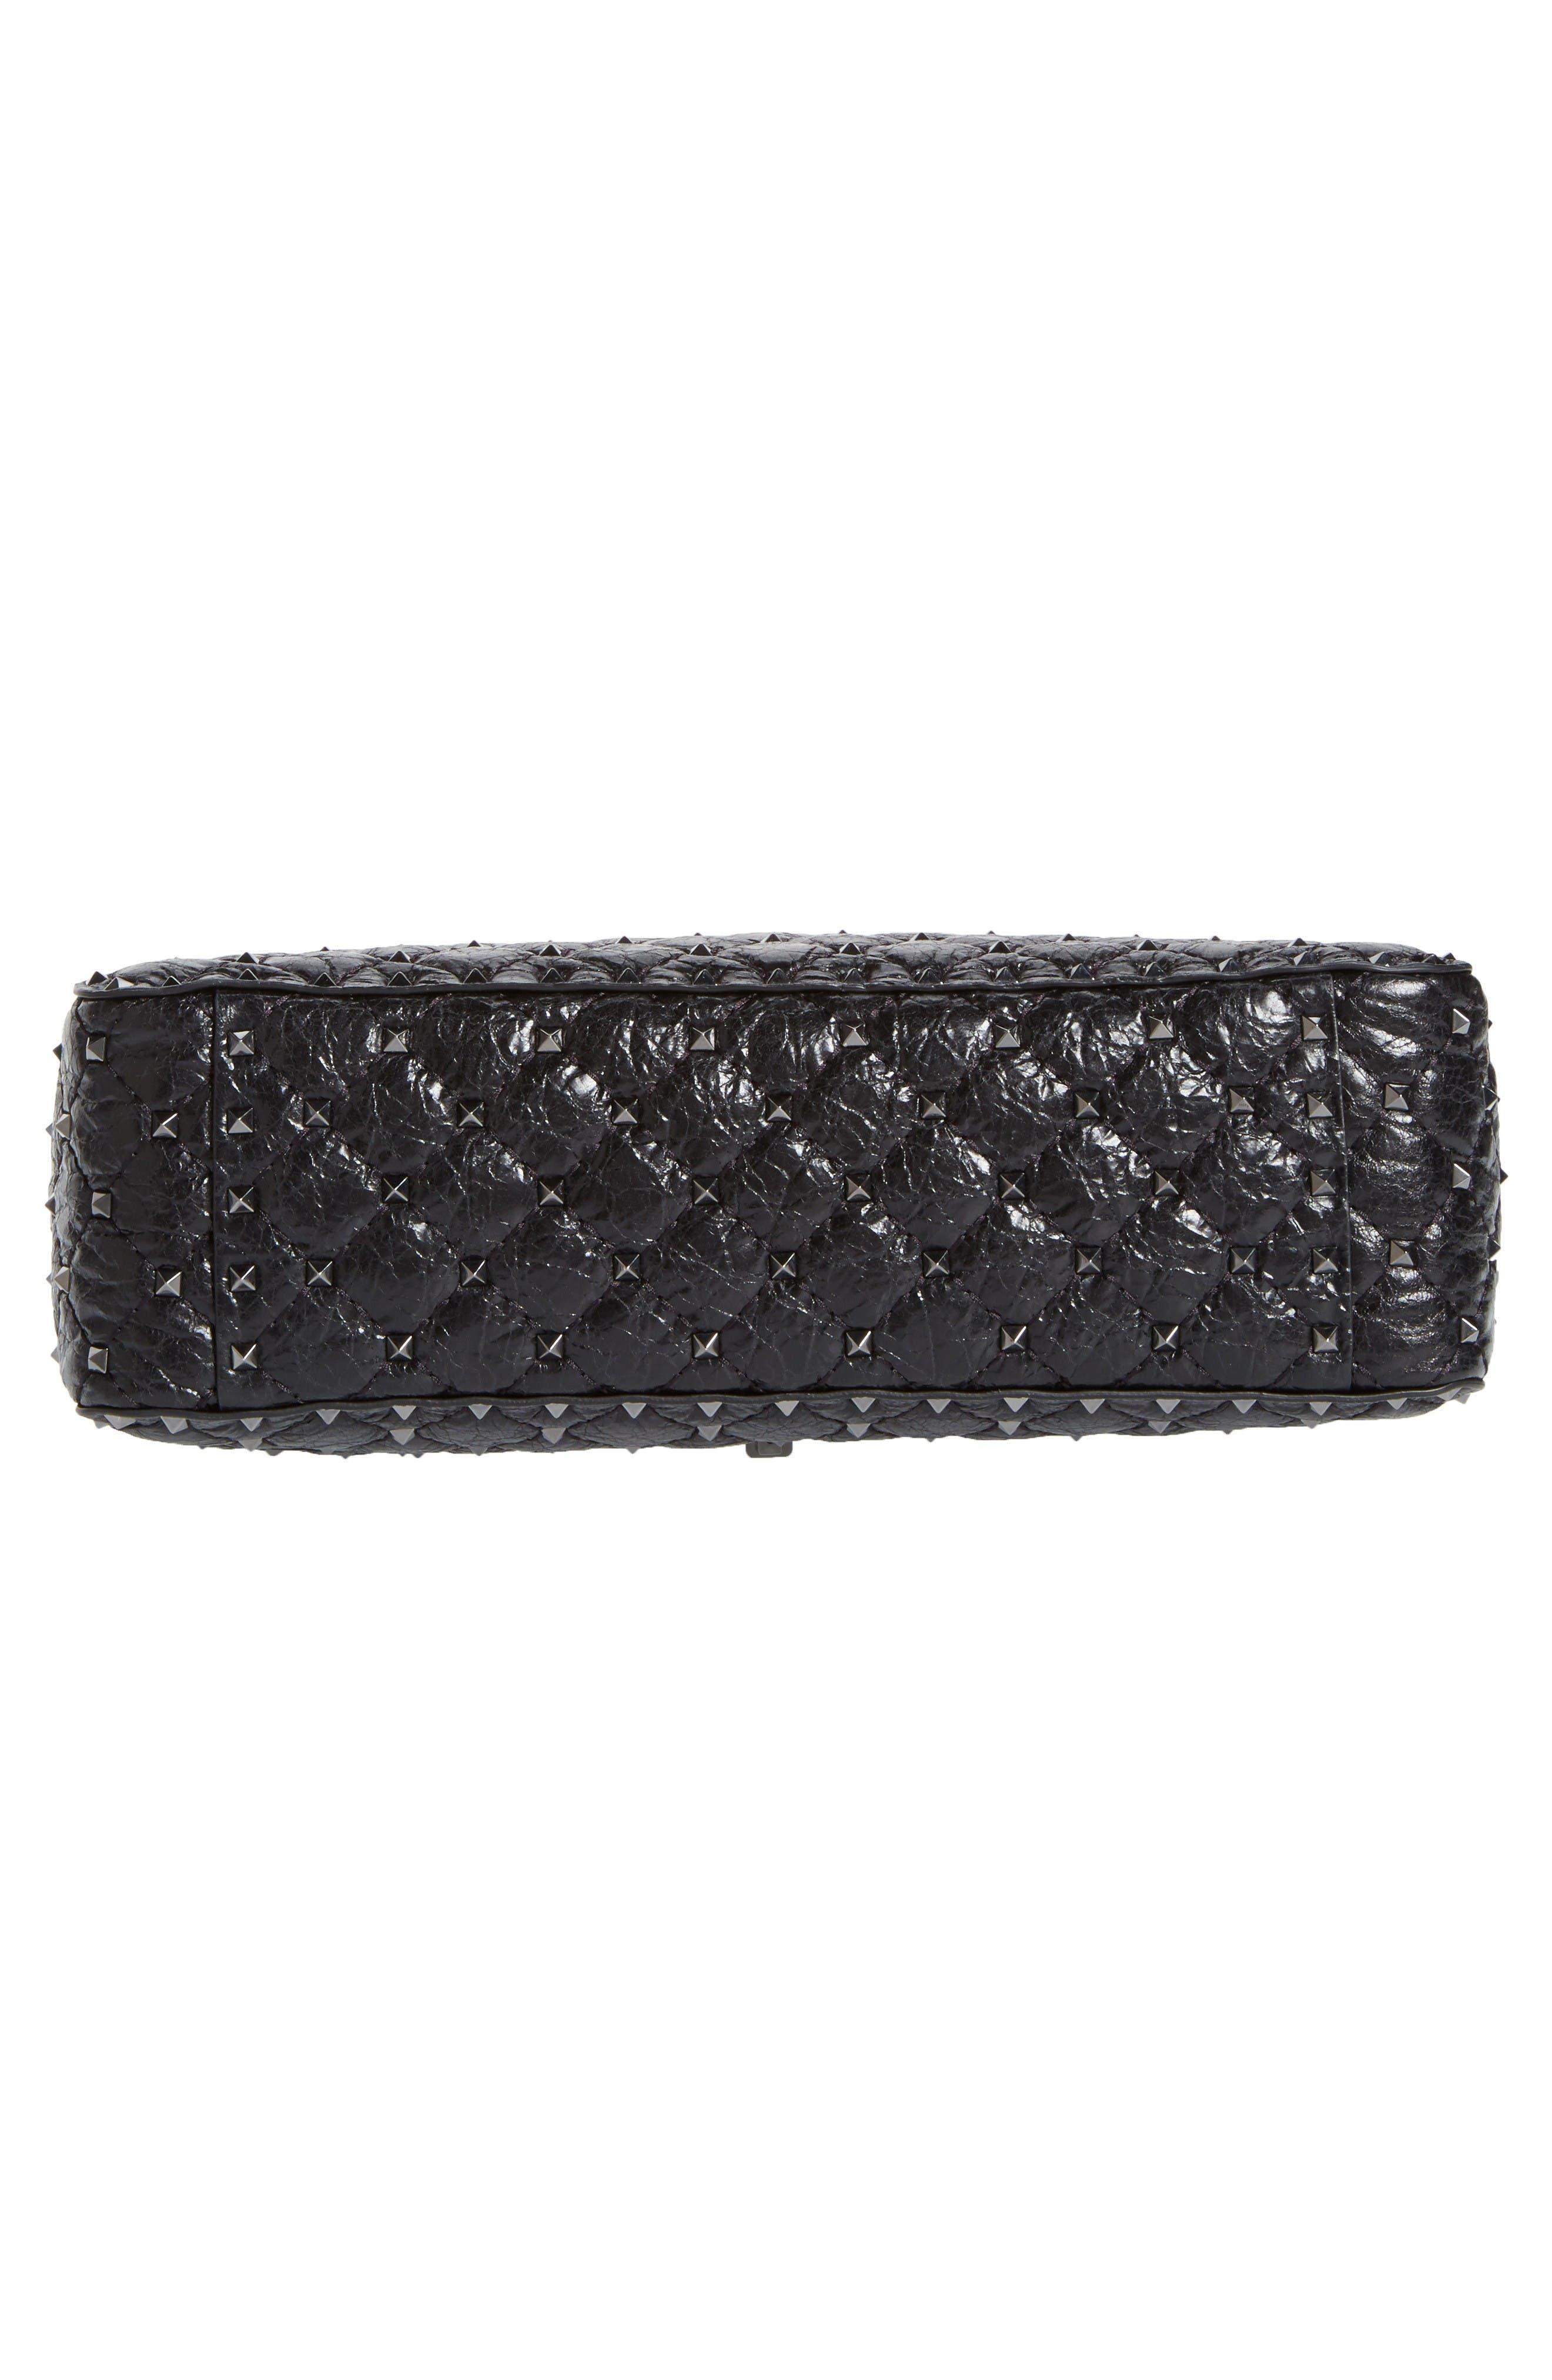 Rockstud Spike Large Shoulder Bag,                             Alternate thumbnail 6, color,                             Black